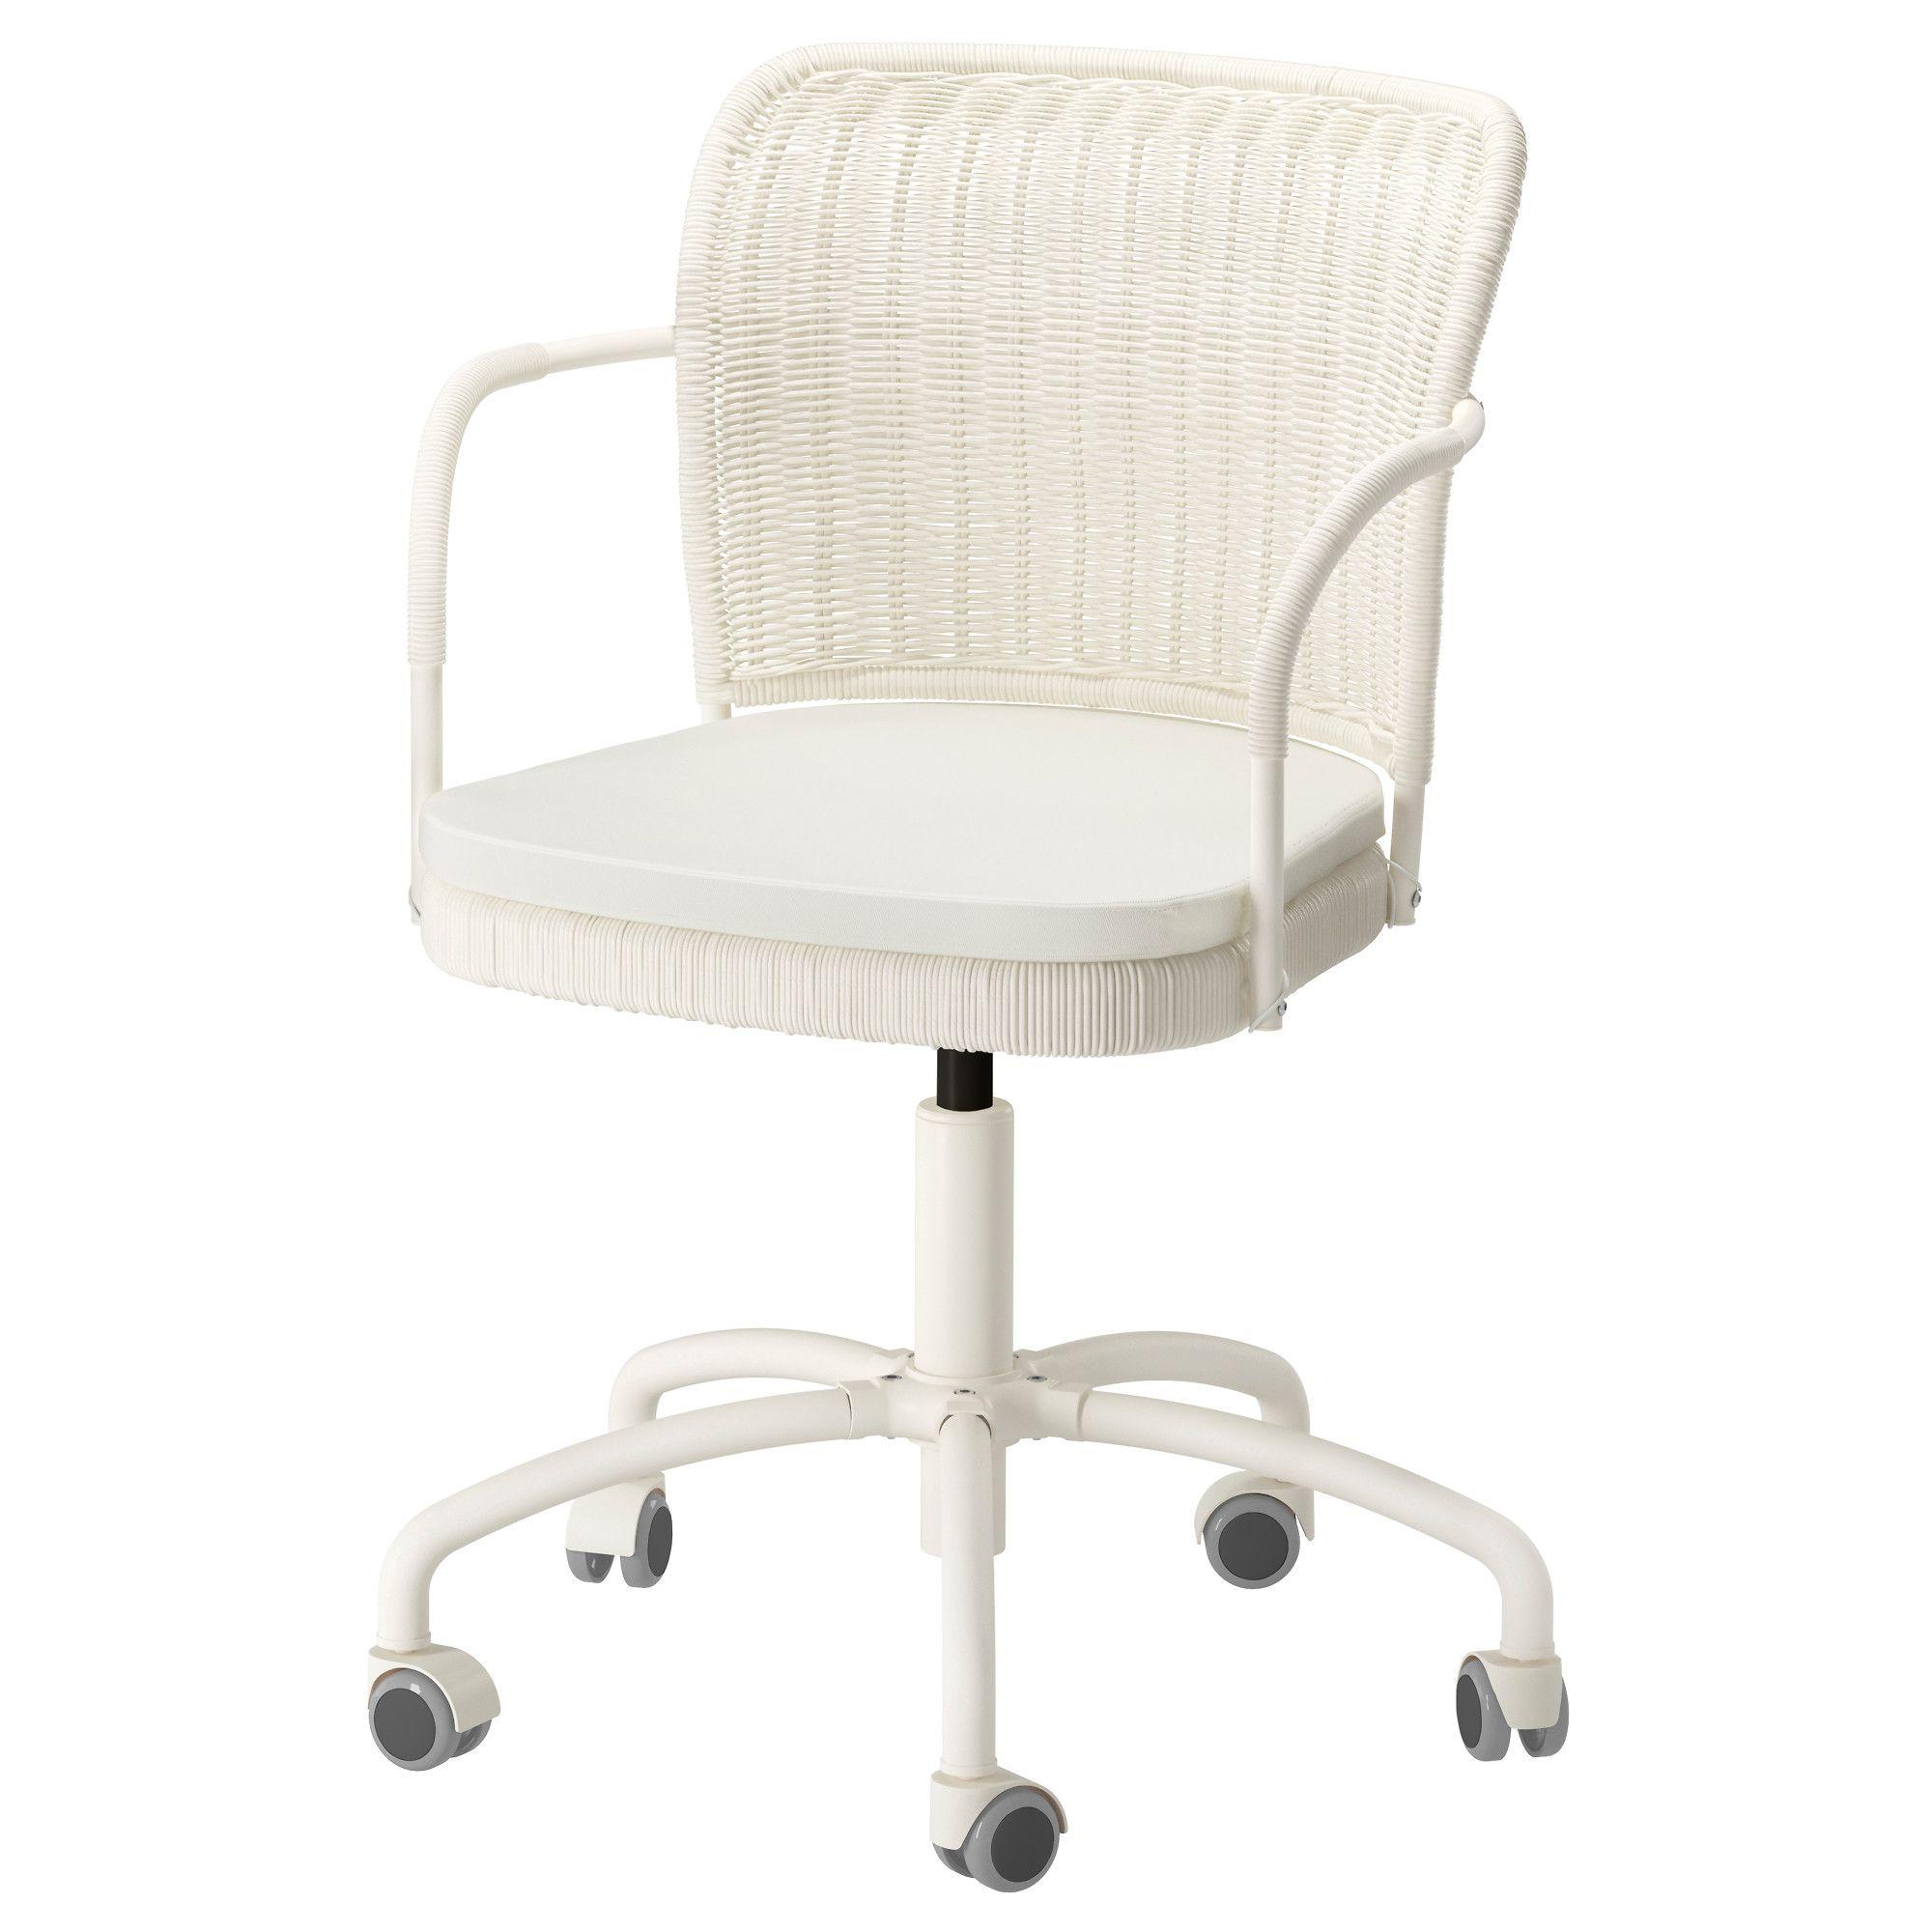 Bürostuhl ikea weiss  IKEA - GREGOR, Drehstuhl, weiß/Vittaryd hellbeige, , Die ...